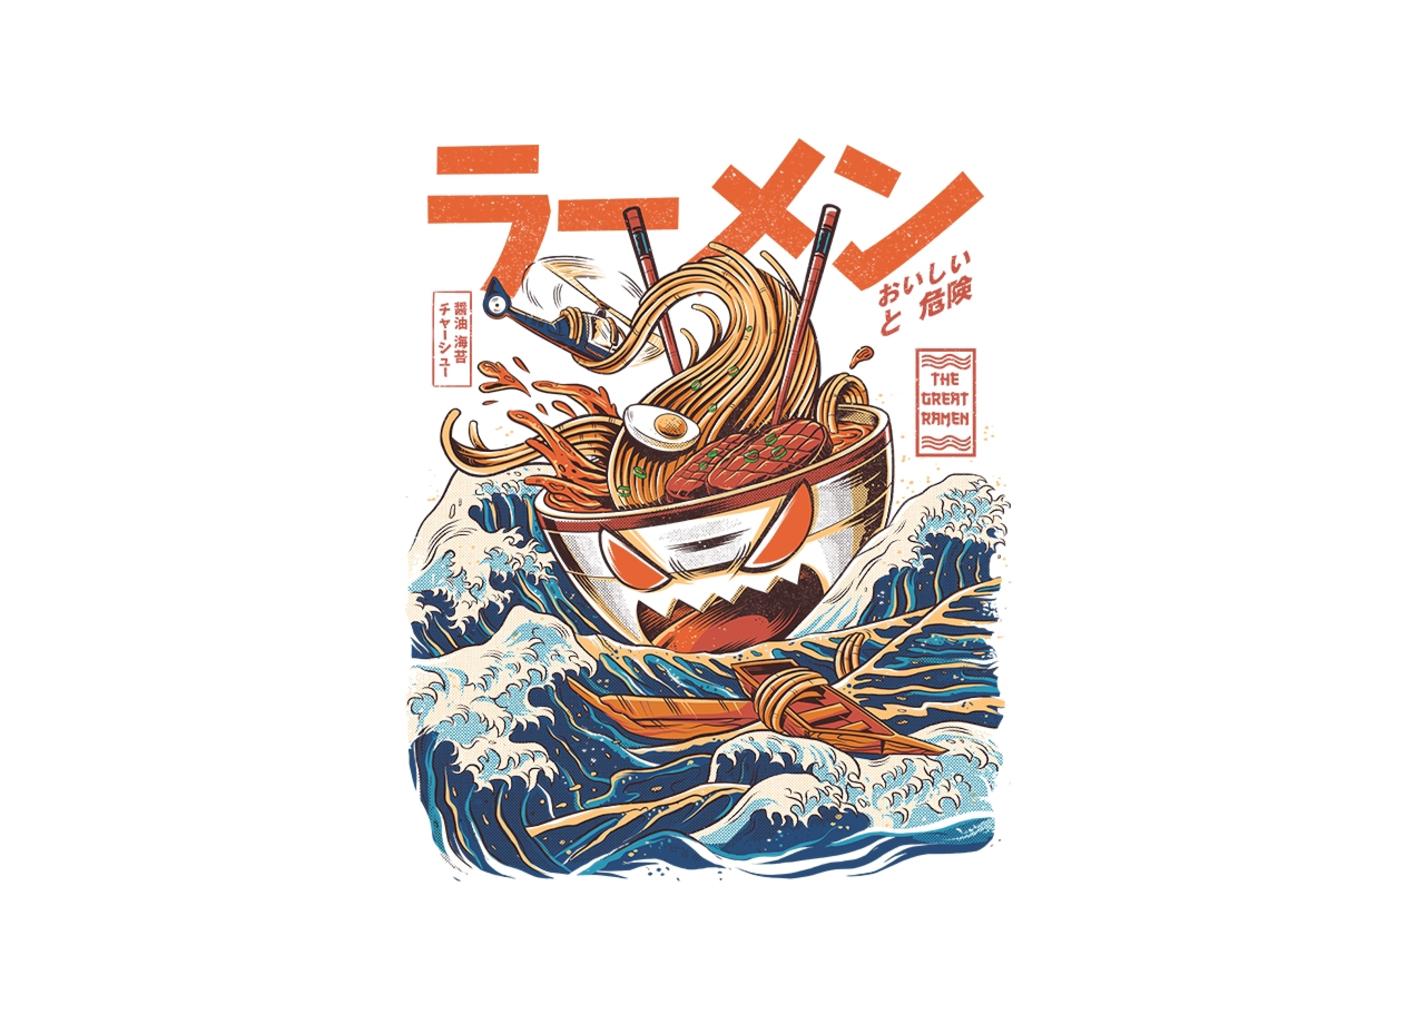 Threadless: The Great Ramen off Kanagawa